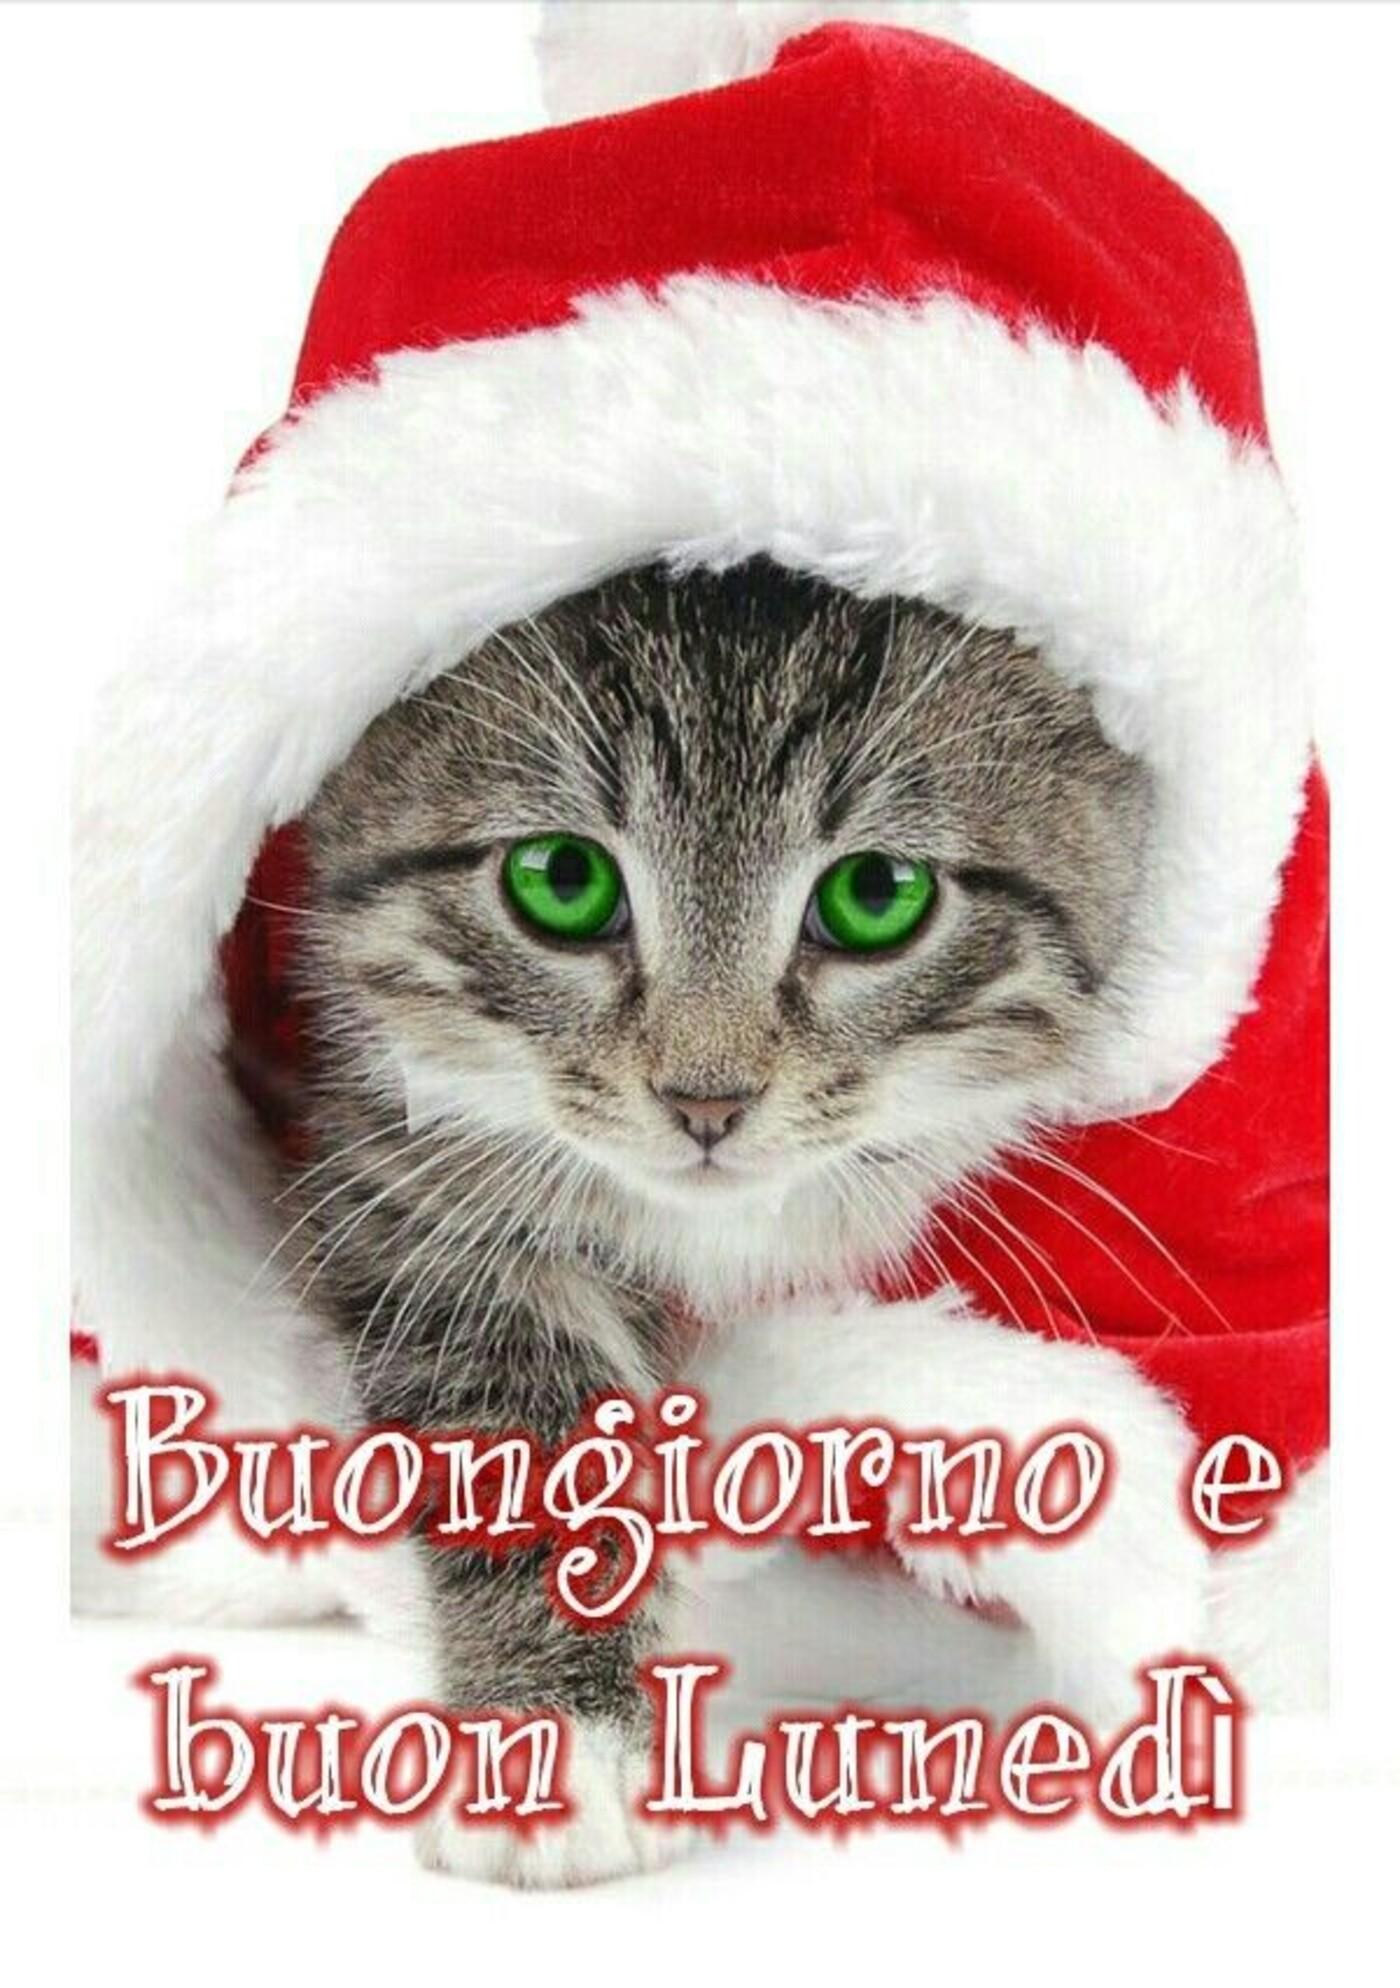 Buongiorno e Buon Lunedì immagini natalizie